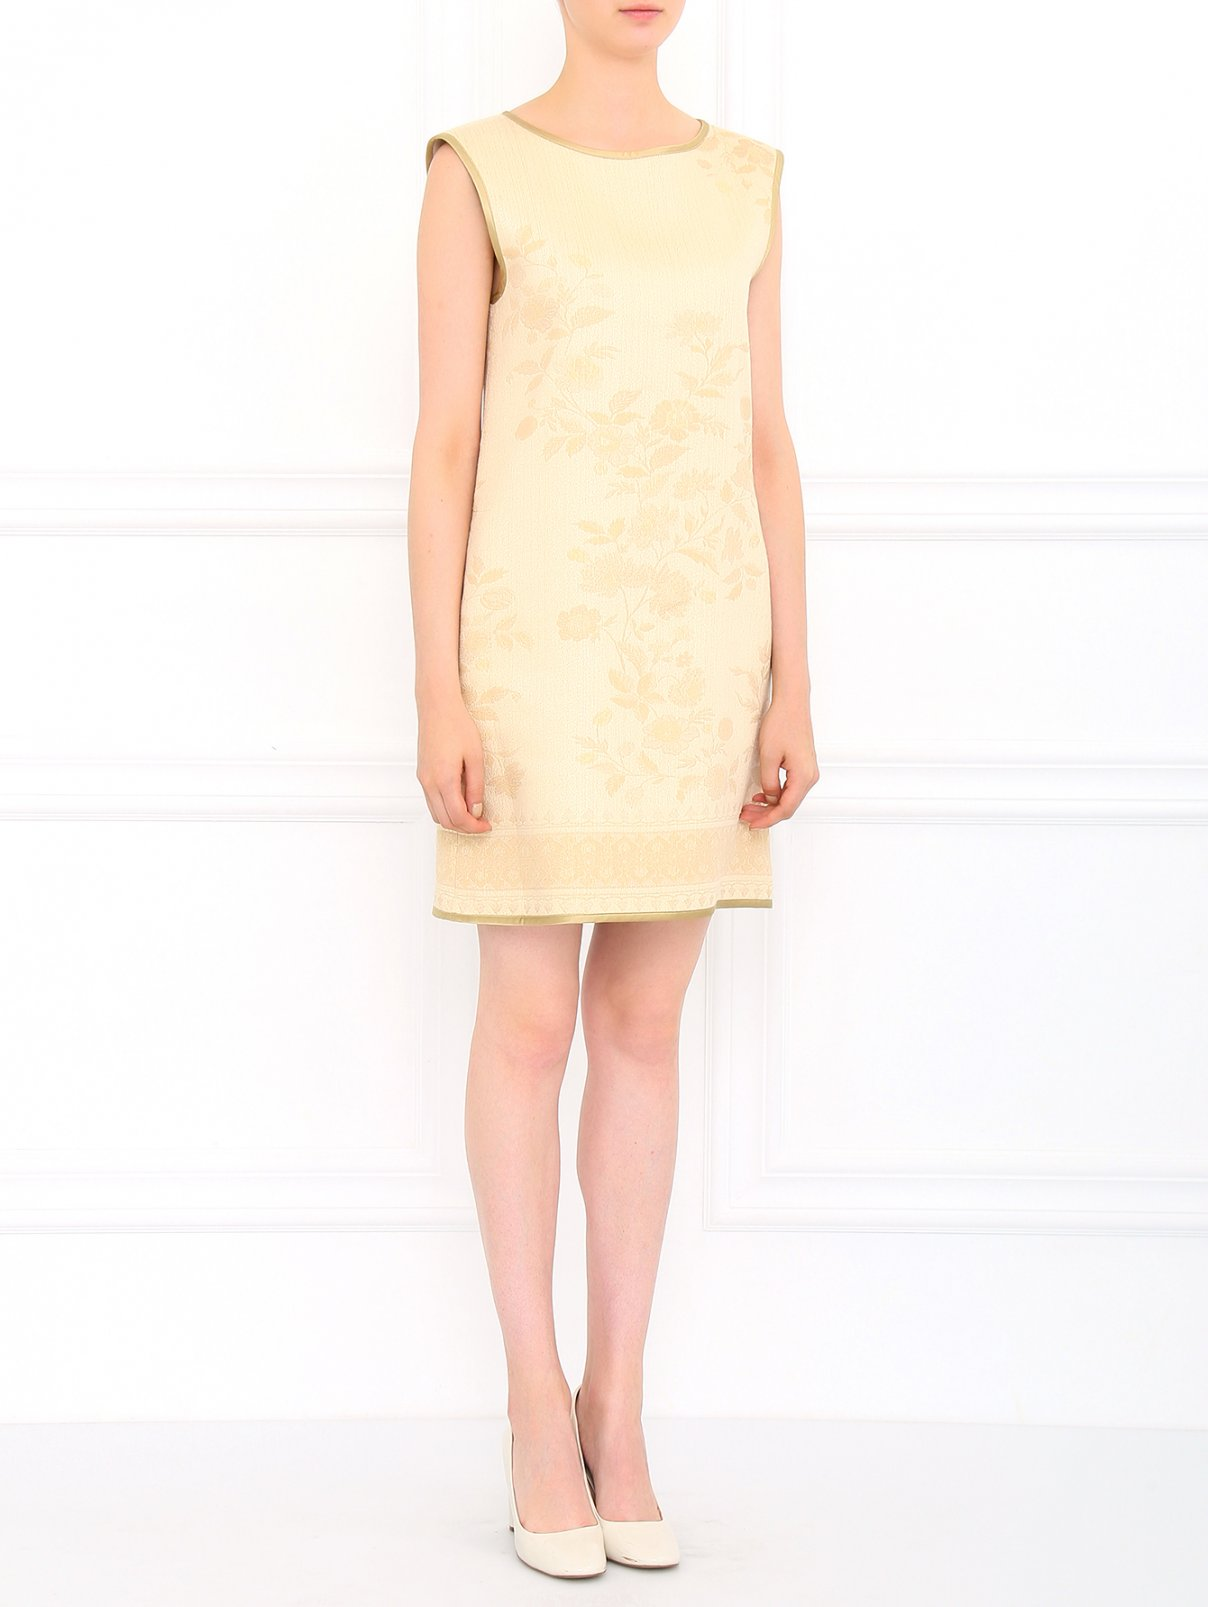 Платье прямого кроя с боковыми карманами Alberta Ferretti  –  Модель Общий вид  – Цвет:  Бежевый